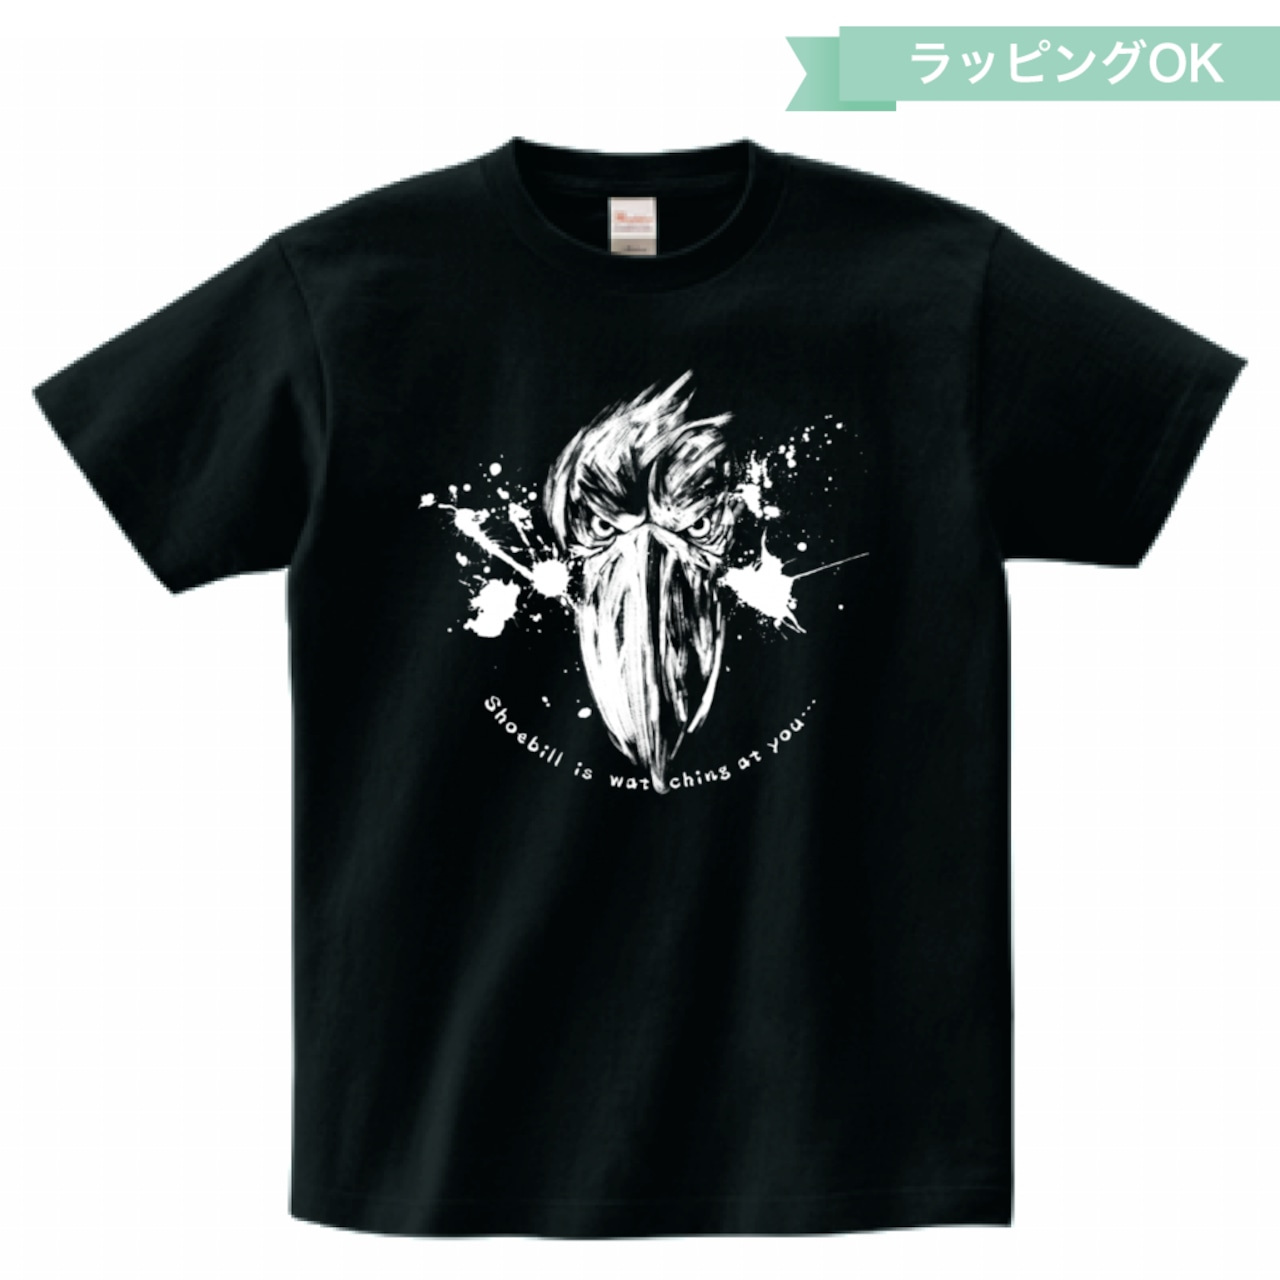 Tシャツ★墨絵ハシビロコウ【ブラック】